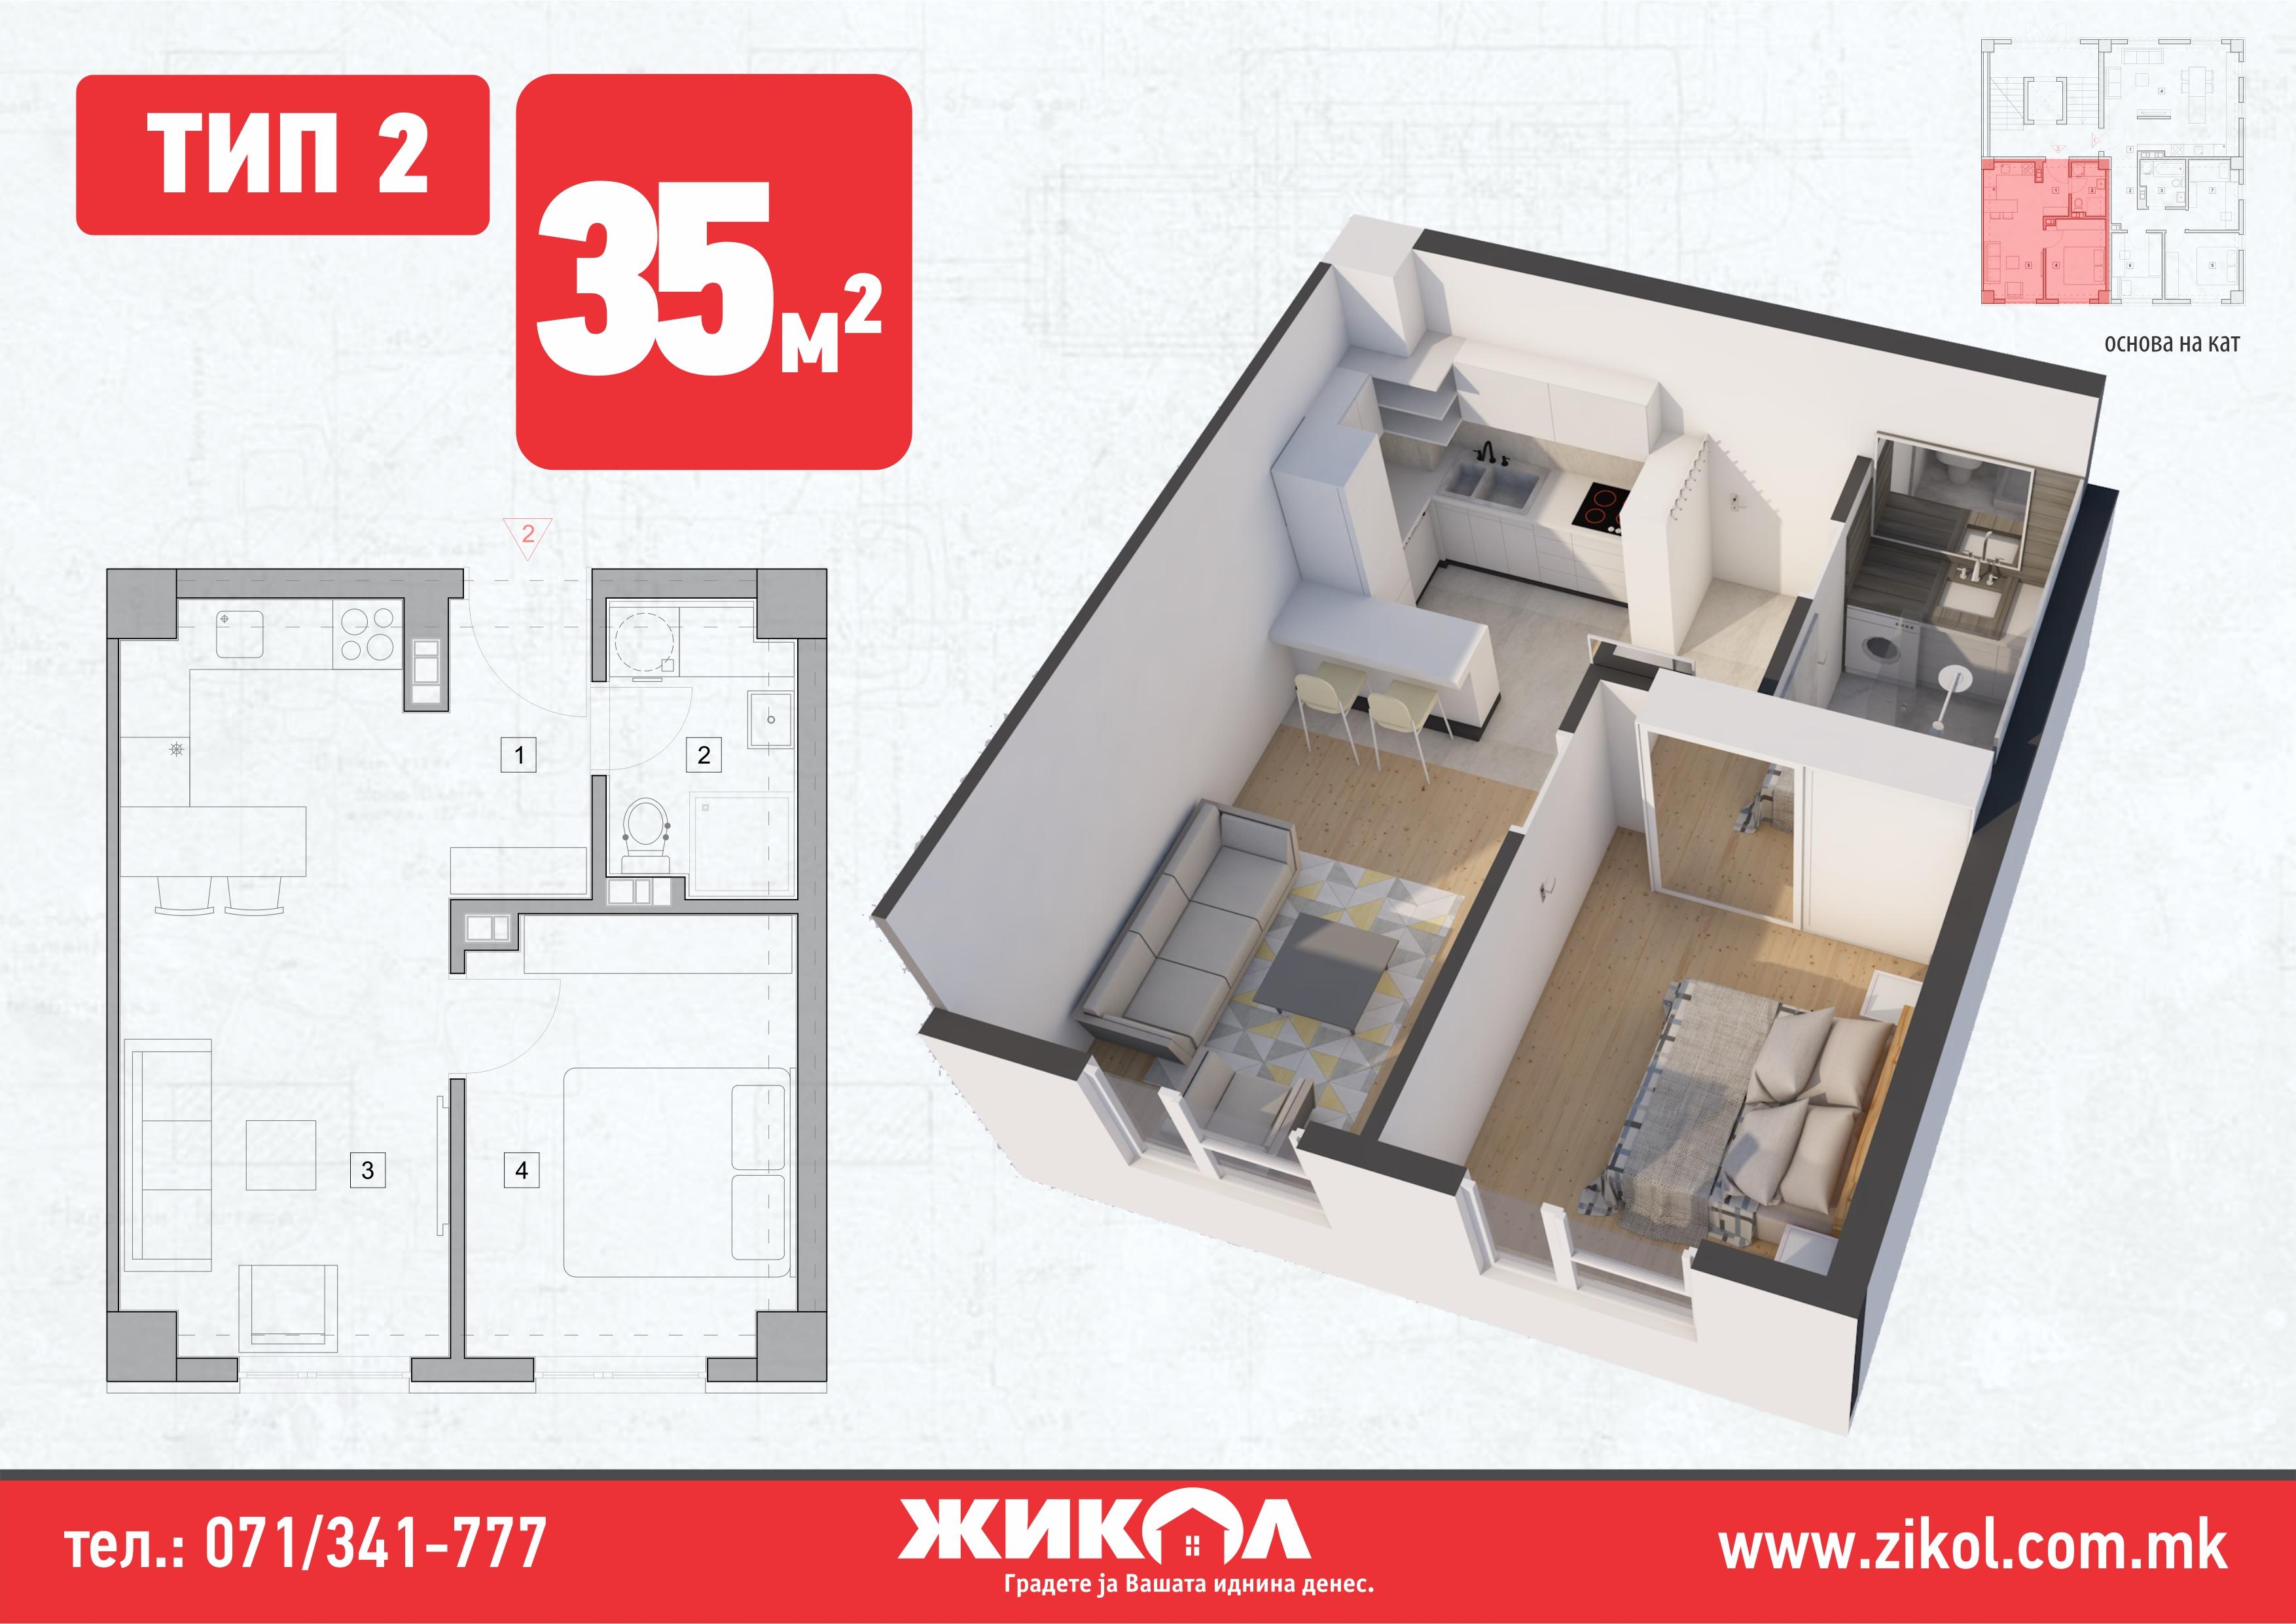 зграда 6, приземје, стан 2